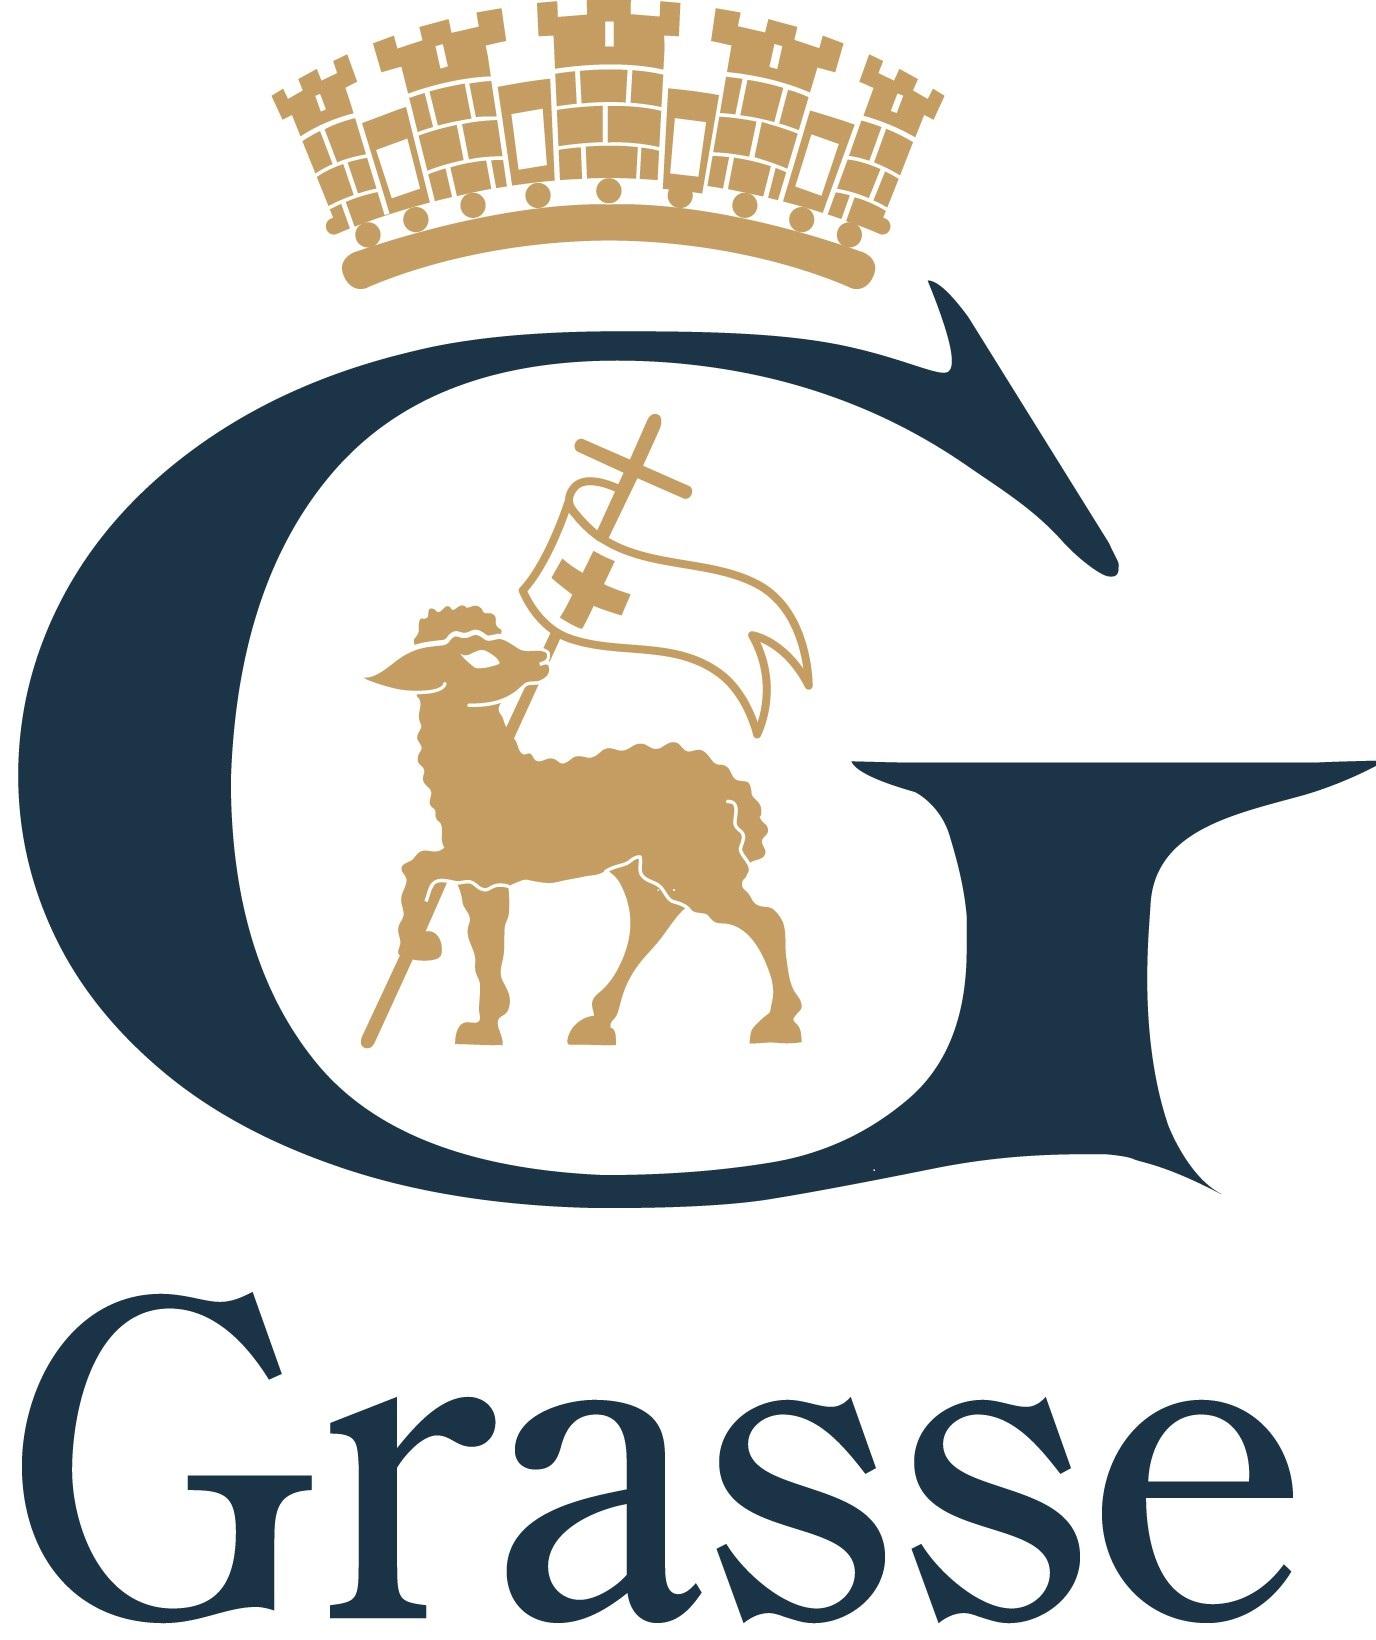 Ville de Grasse Partenaire technique majeur depuis 2020